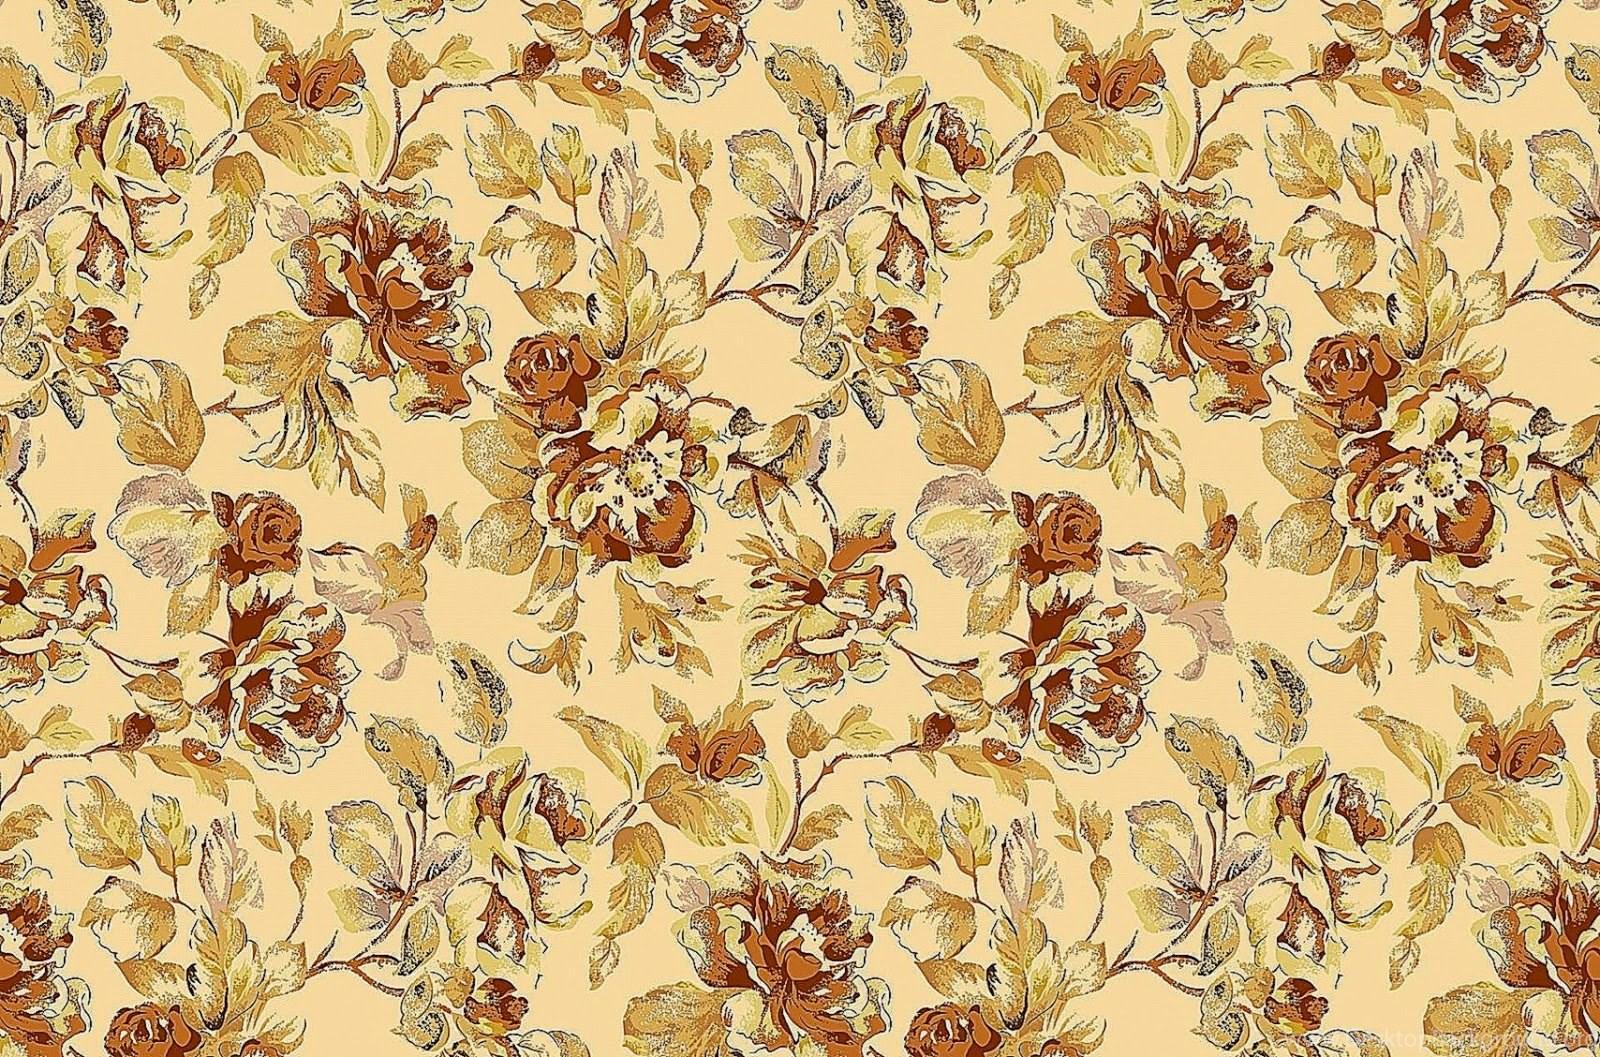 Vintage Floral Wallpapers Pattern Desktop Background